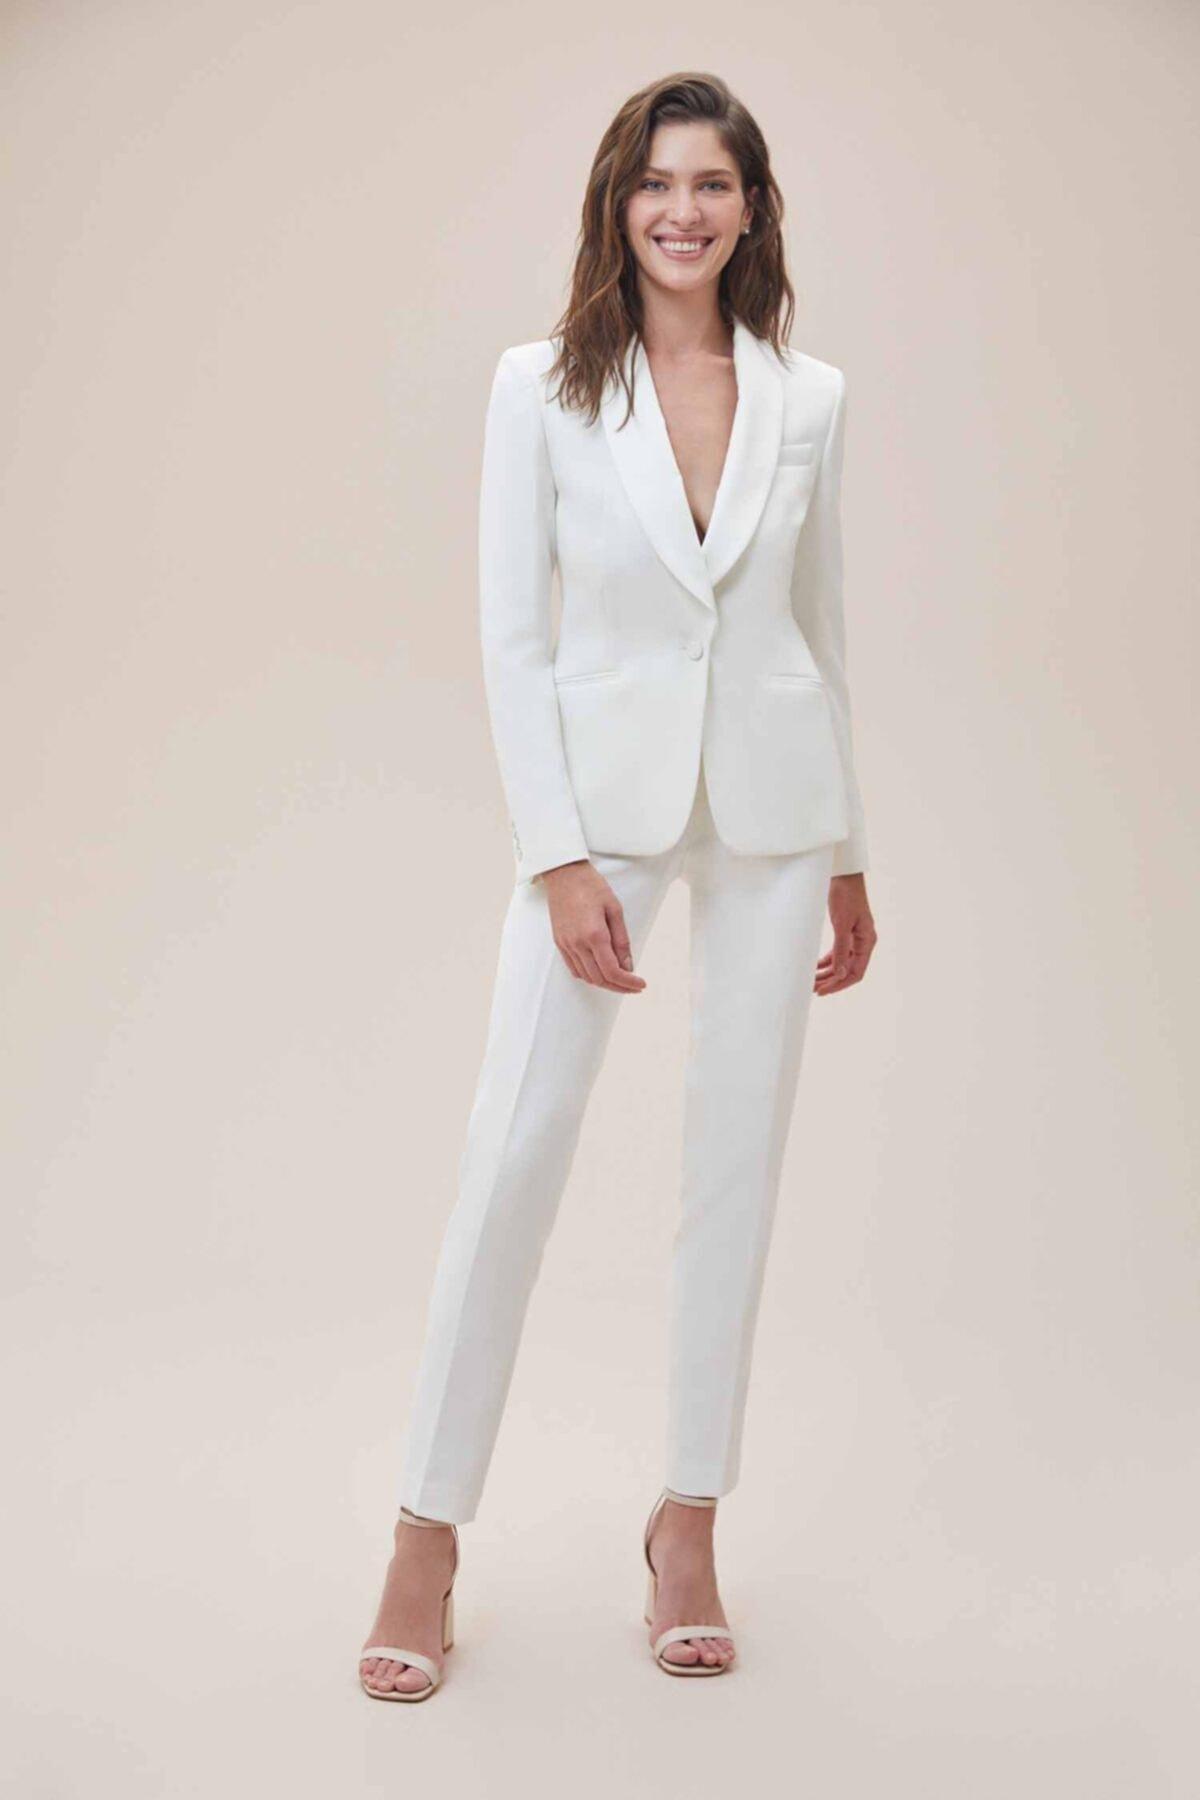 Oleg Cassini Beyaz Dar Kesim Krep Takım Elbise Gelinlik Ceketi 2